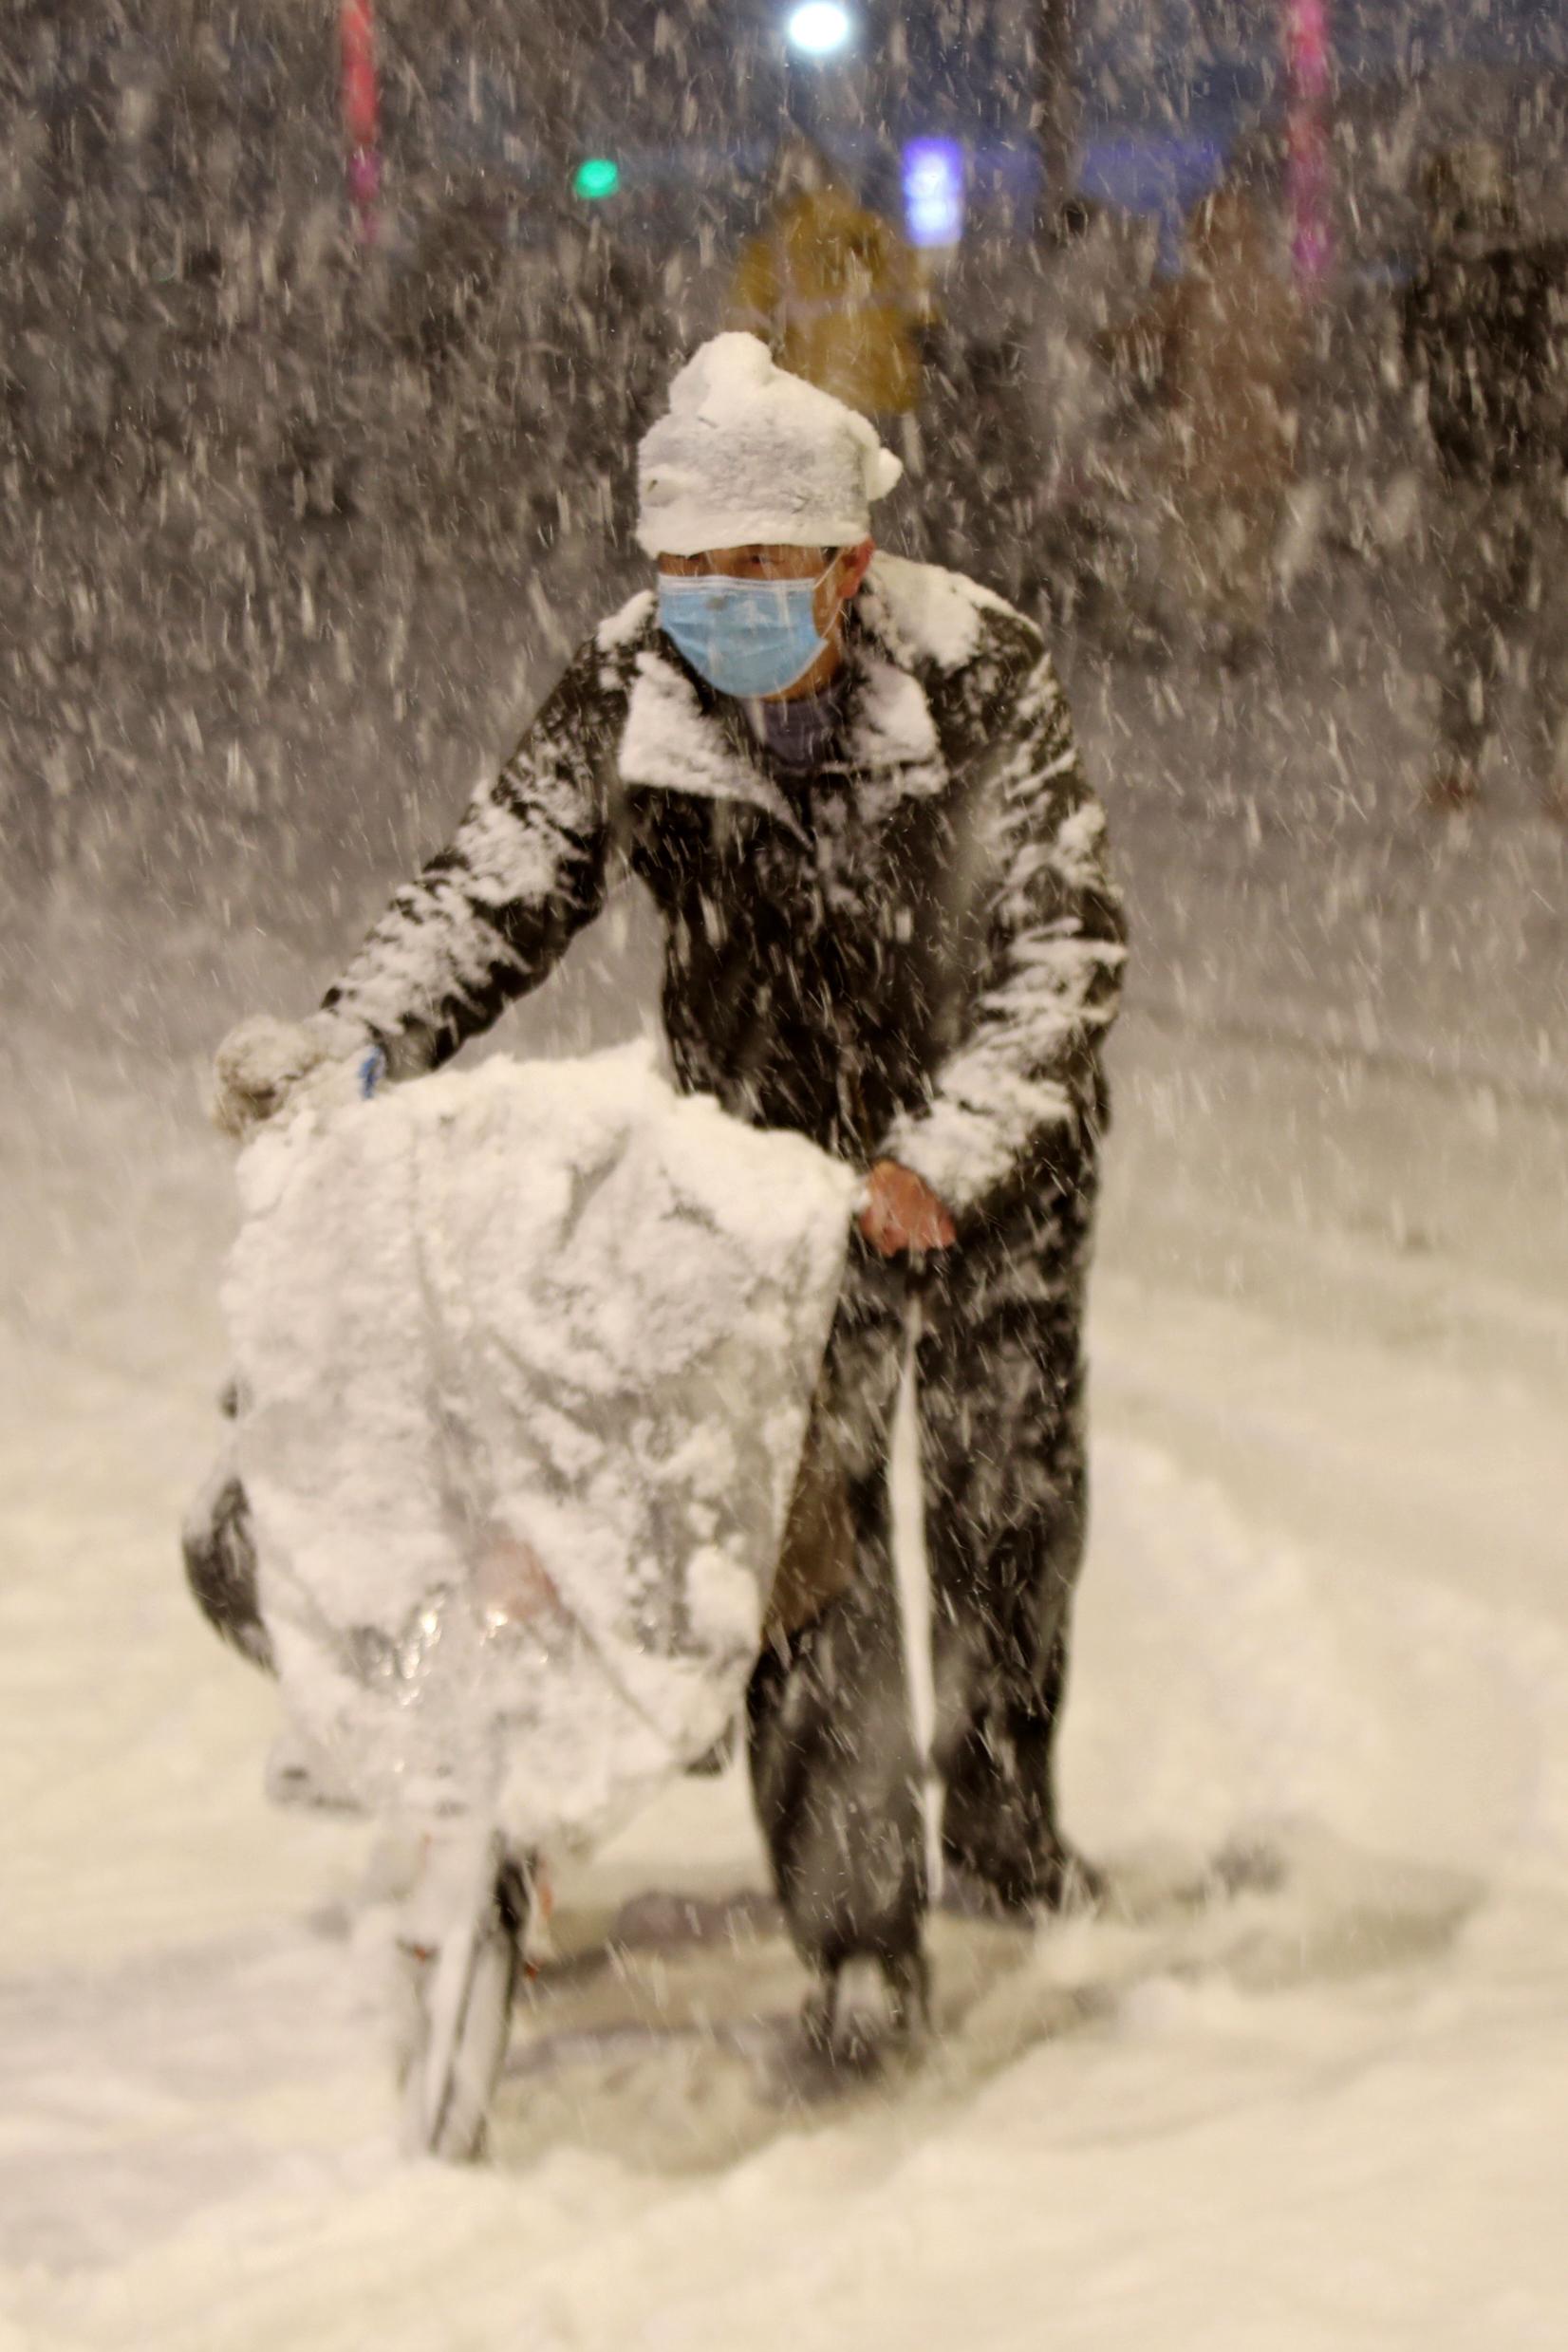 2021年2月24日晚,银装素裹的郑州城区,市民推着车冒雪出行。